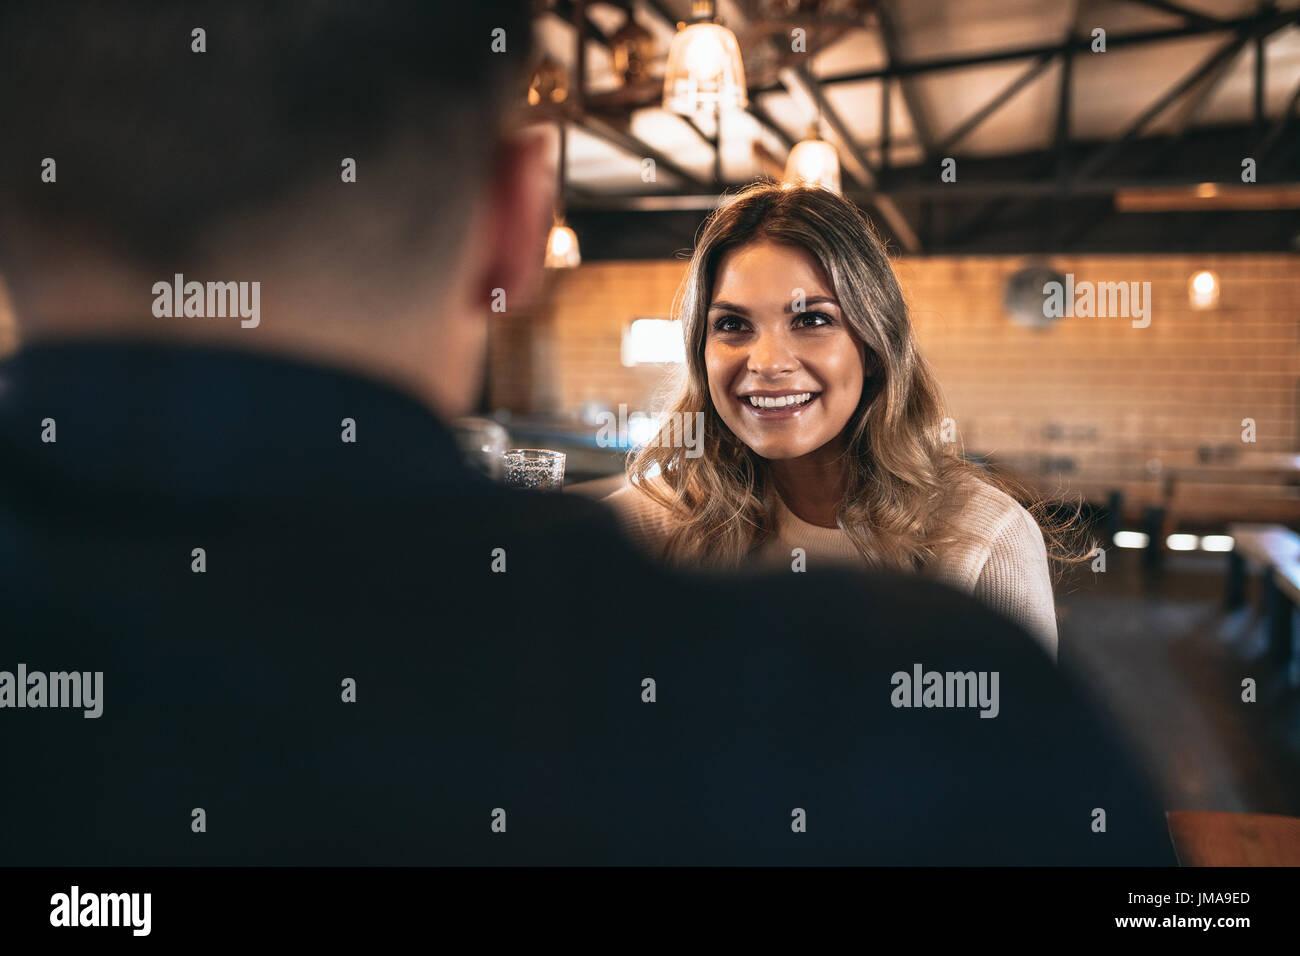 Belle jeune femme avec un homme au bar. Couple au bar. Photo Stock